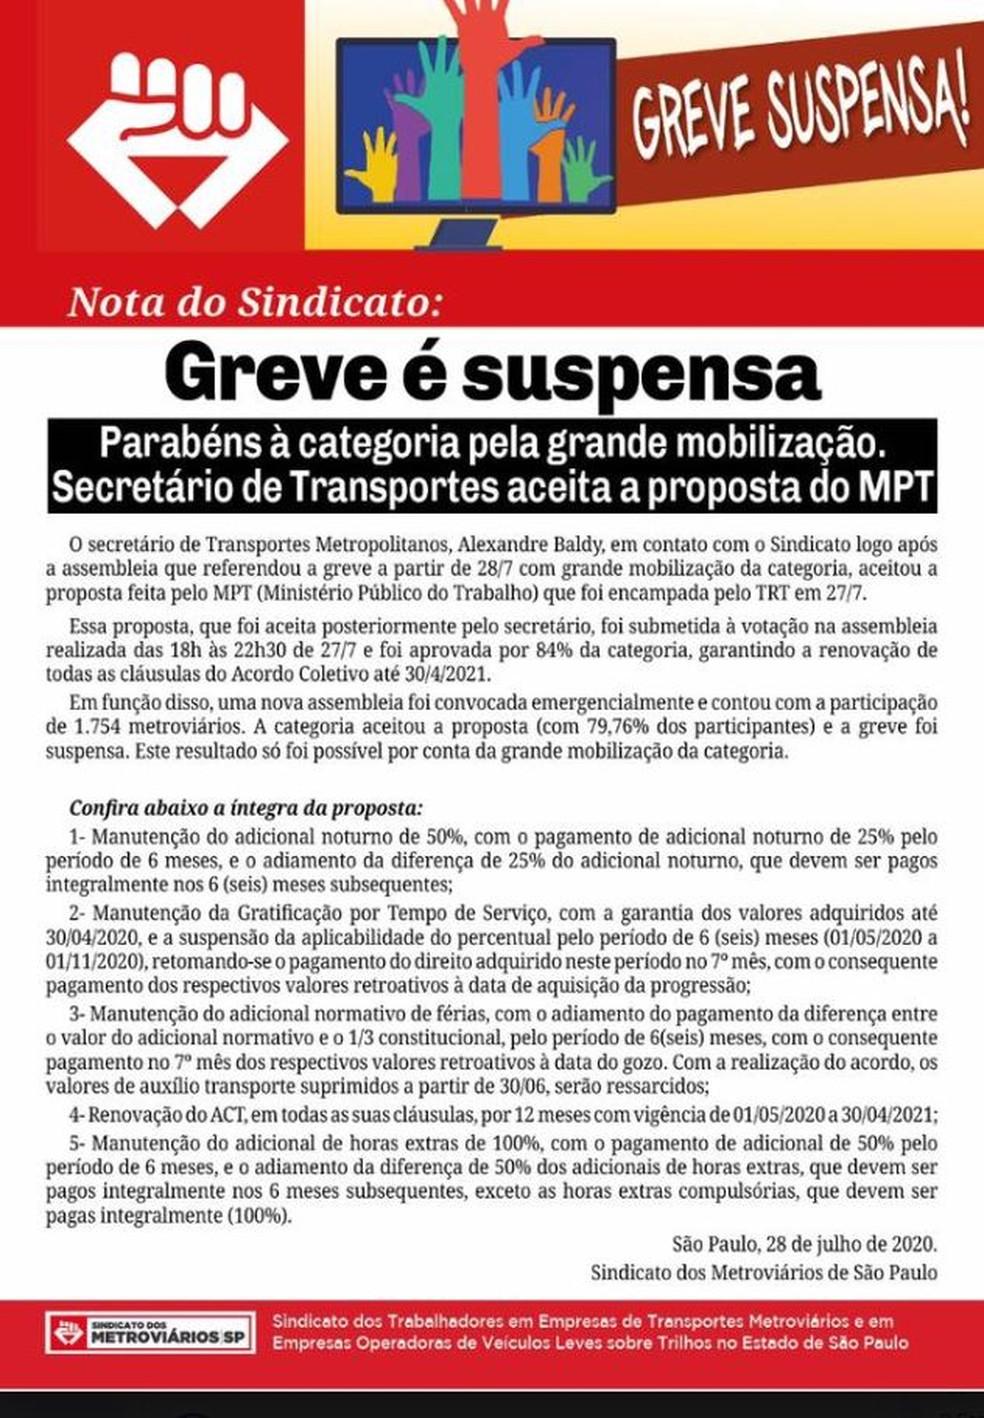 Nota do Sindicato dos Metroviários de São Paulo anuncia fim da greve — Foto: Reprodução / Facebook / Sindicato dos Metroviários de São Paulo